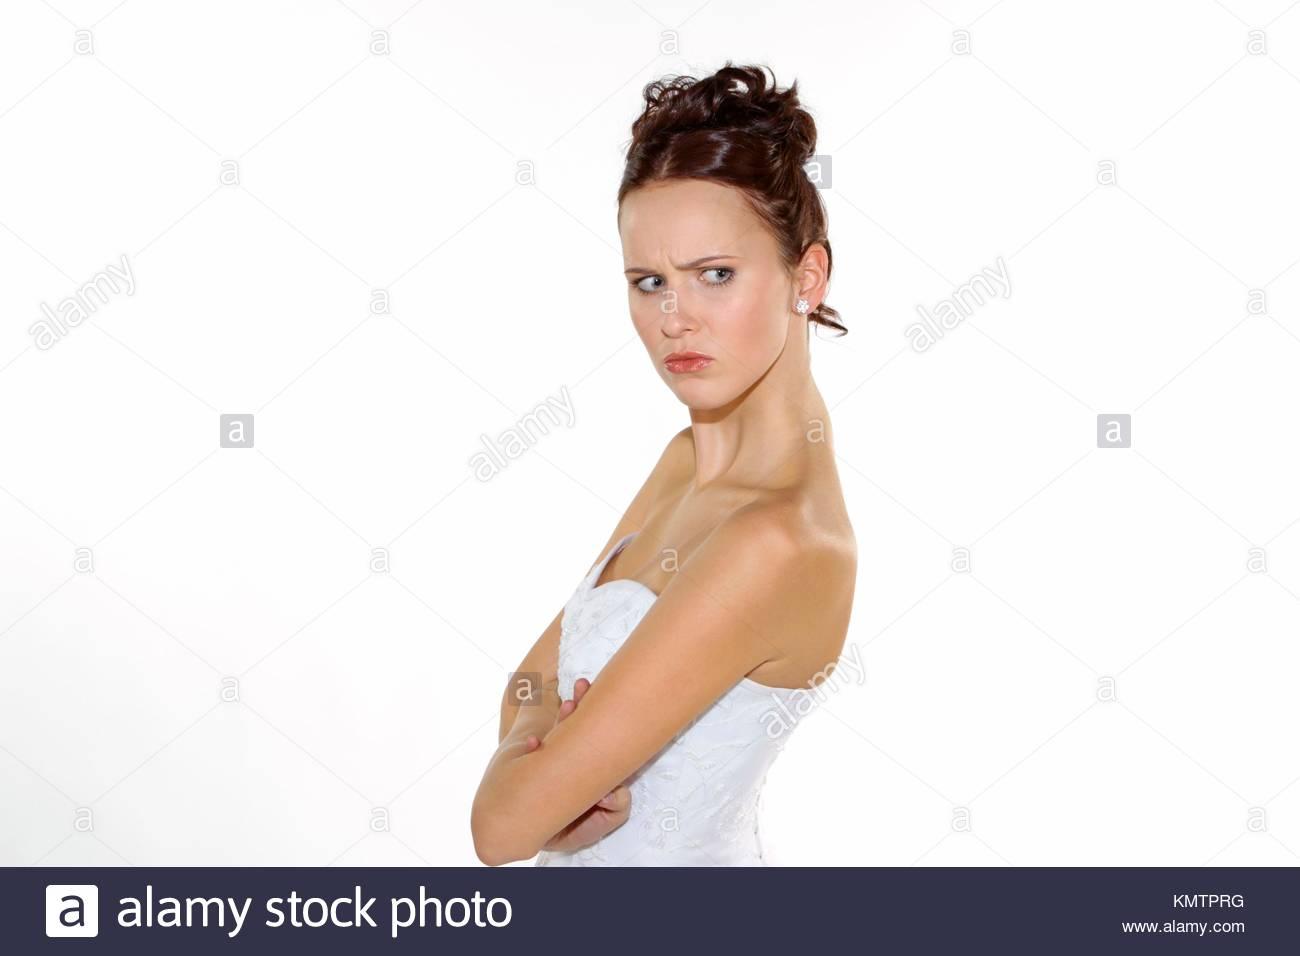 Ziemlich Zuvor Brautkleider Im Besitz Fotos - Brautkleider Ideen ...